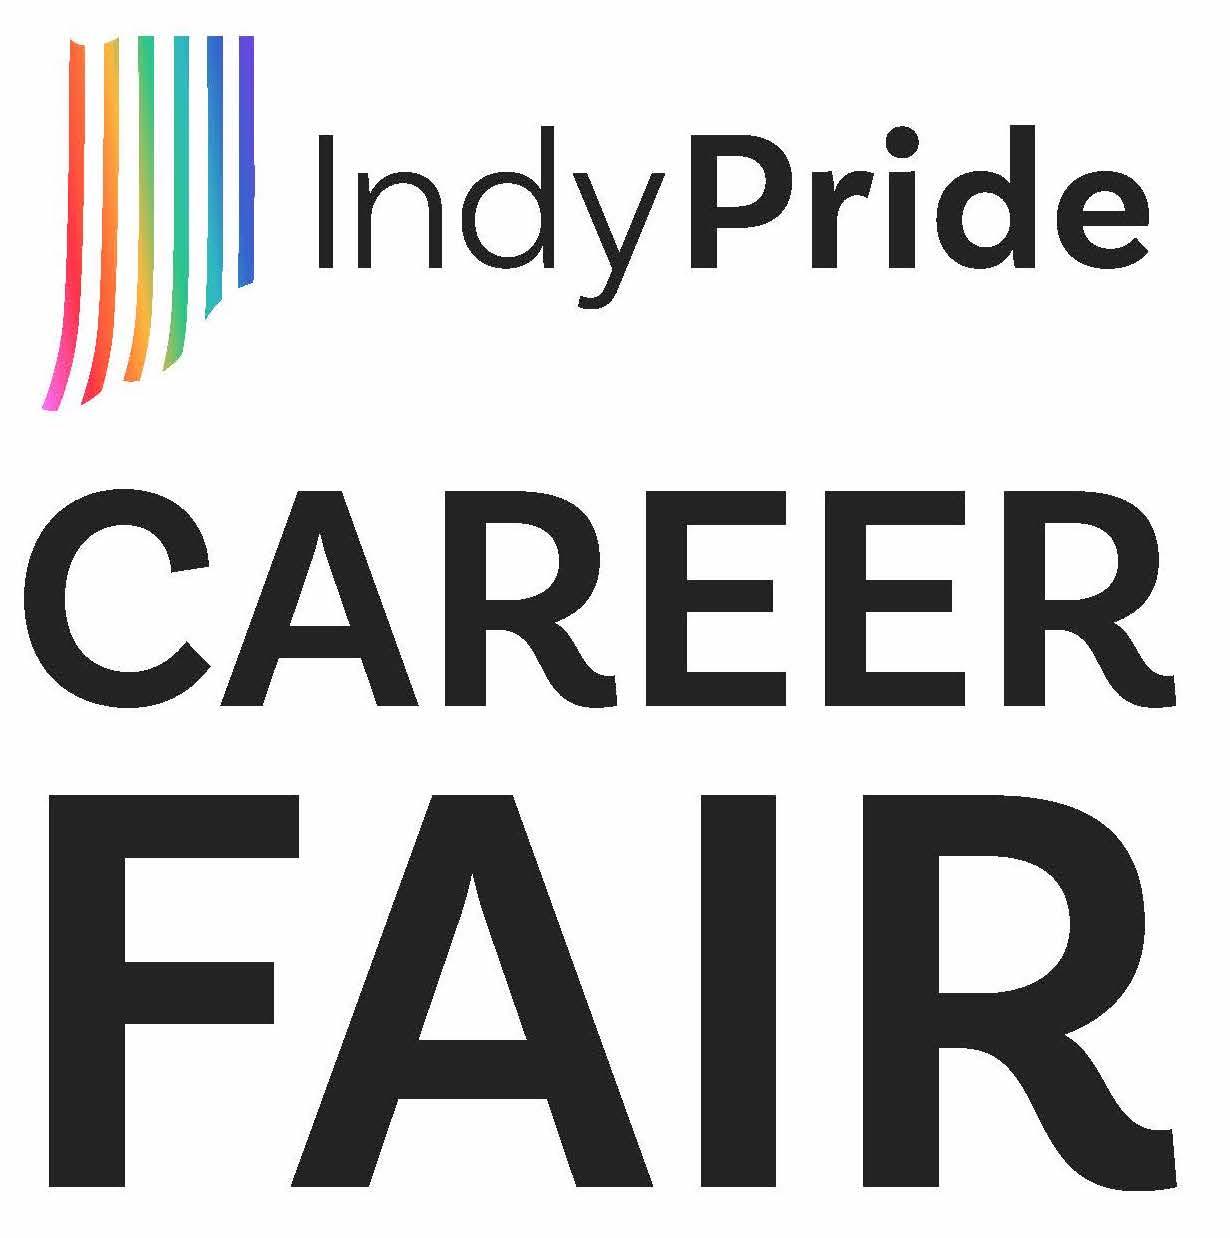 indy pride career fair indy pride inc indy pride career fair indy pride inc